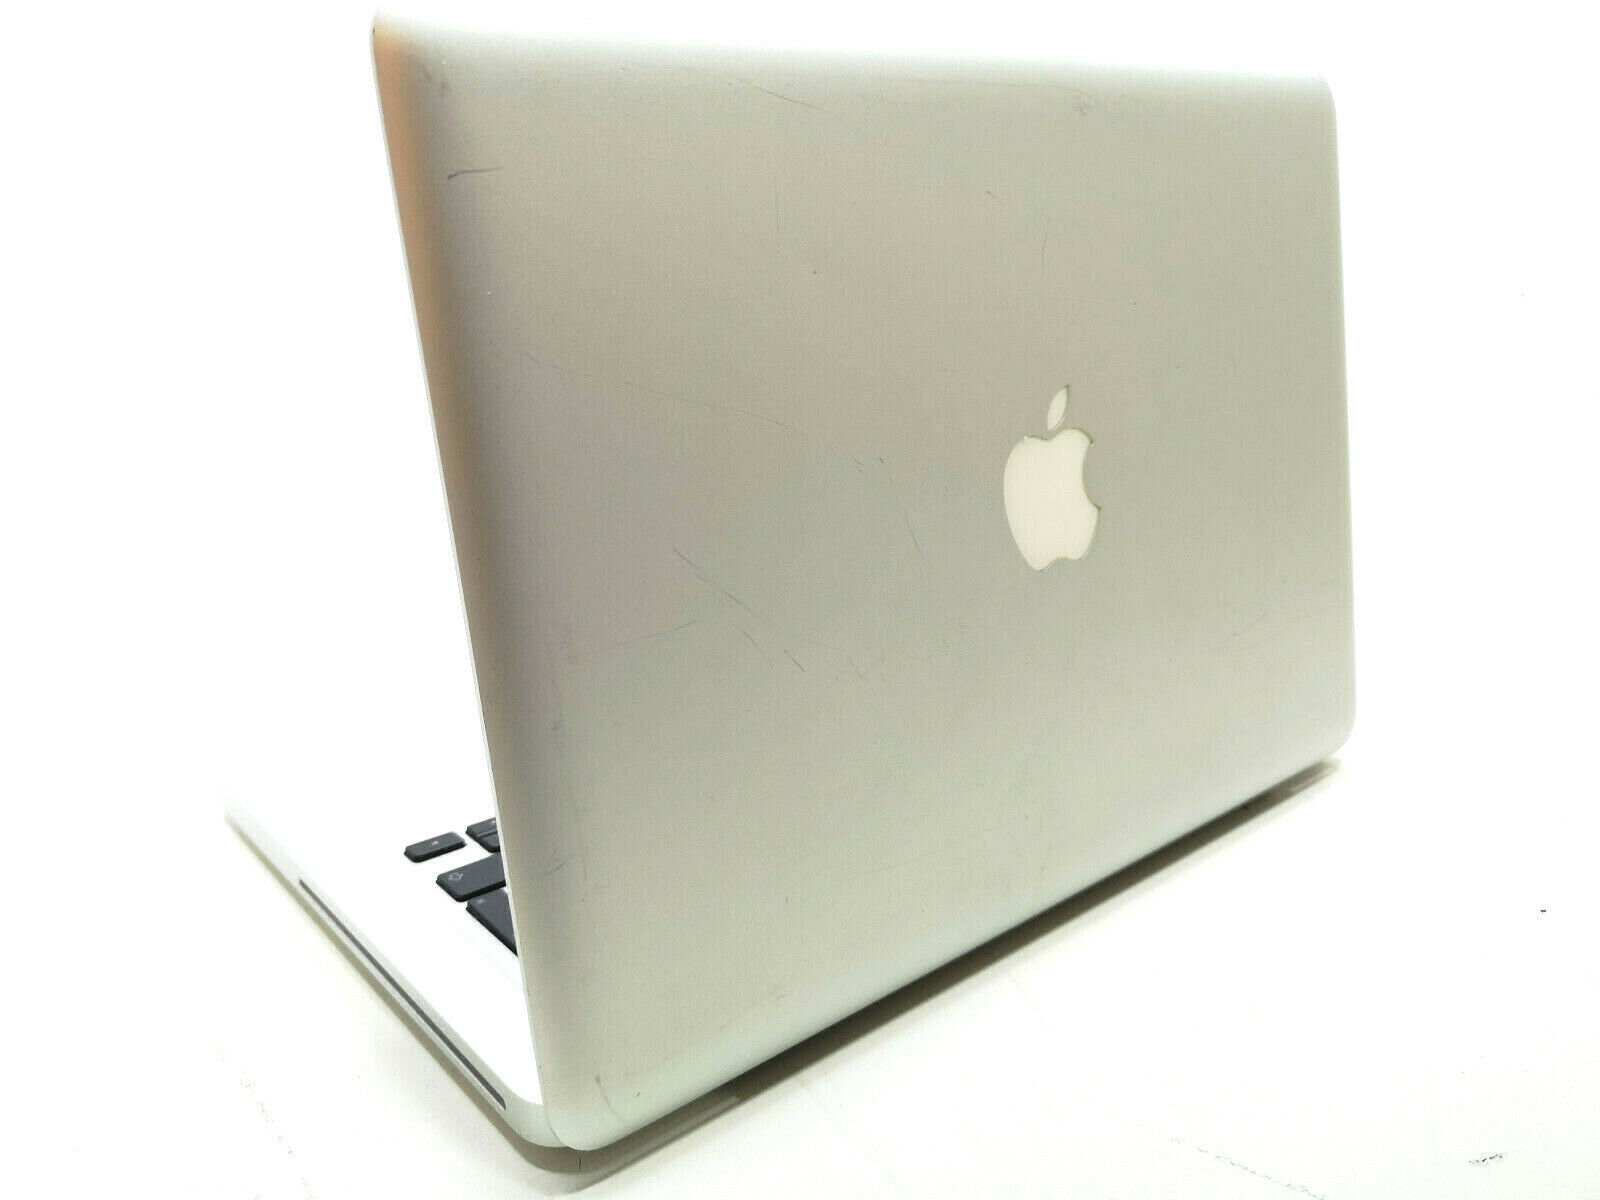 Apple MacBook A1278 No 6